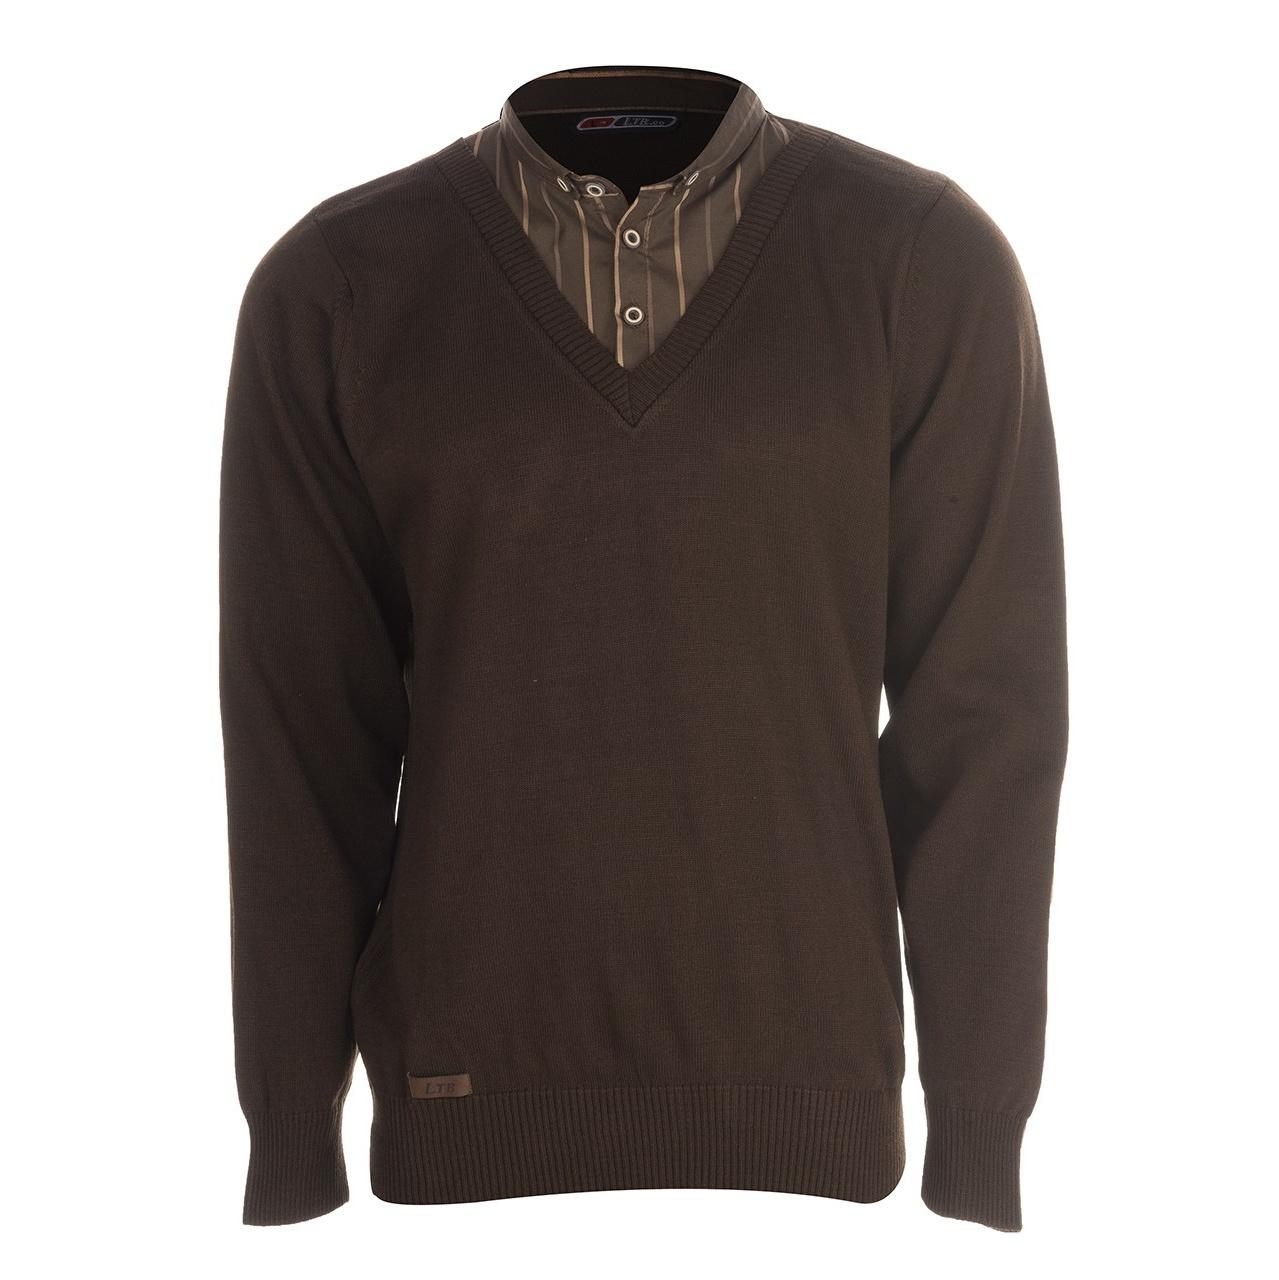 بلوز بافت مردانه ال تی بی طرح یقه پیراهنی قهوه ای ۱۸۱